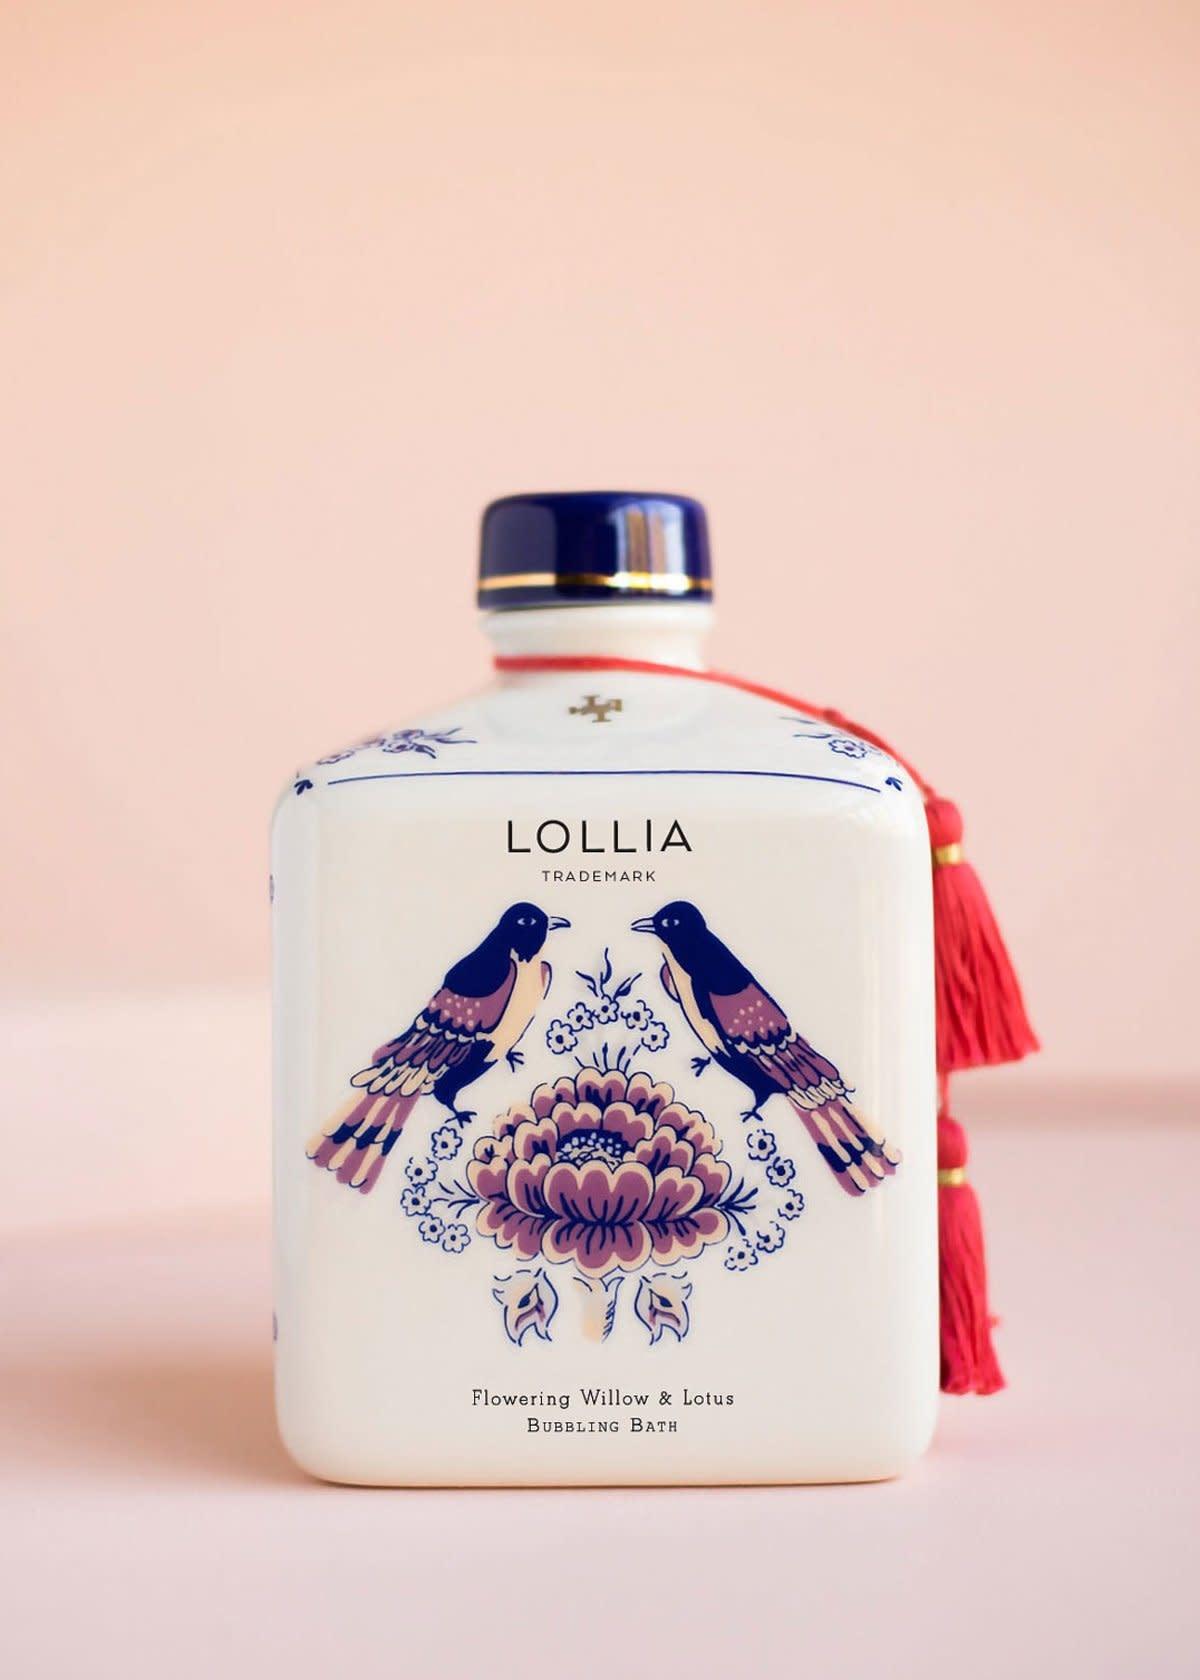 Lollia Imagine Bubble Bath